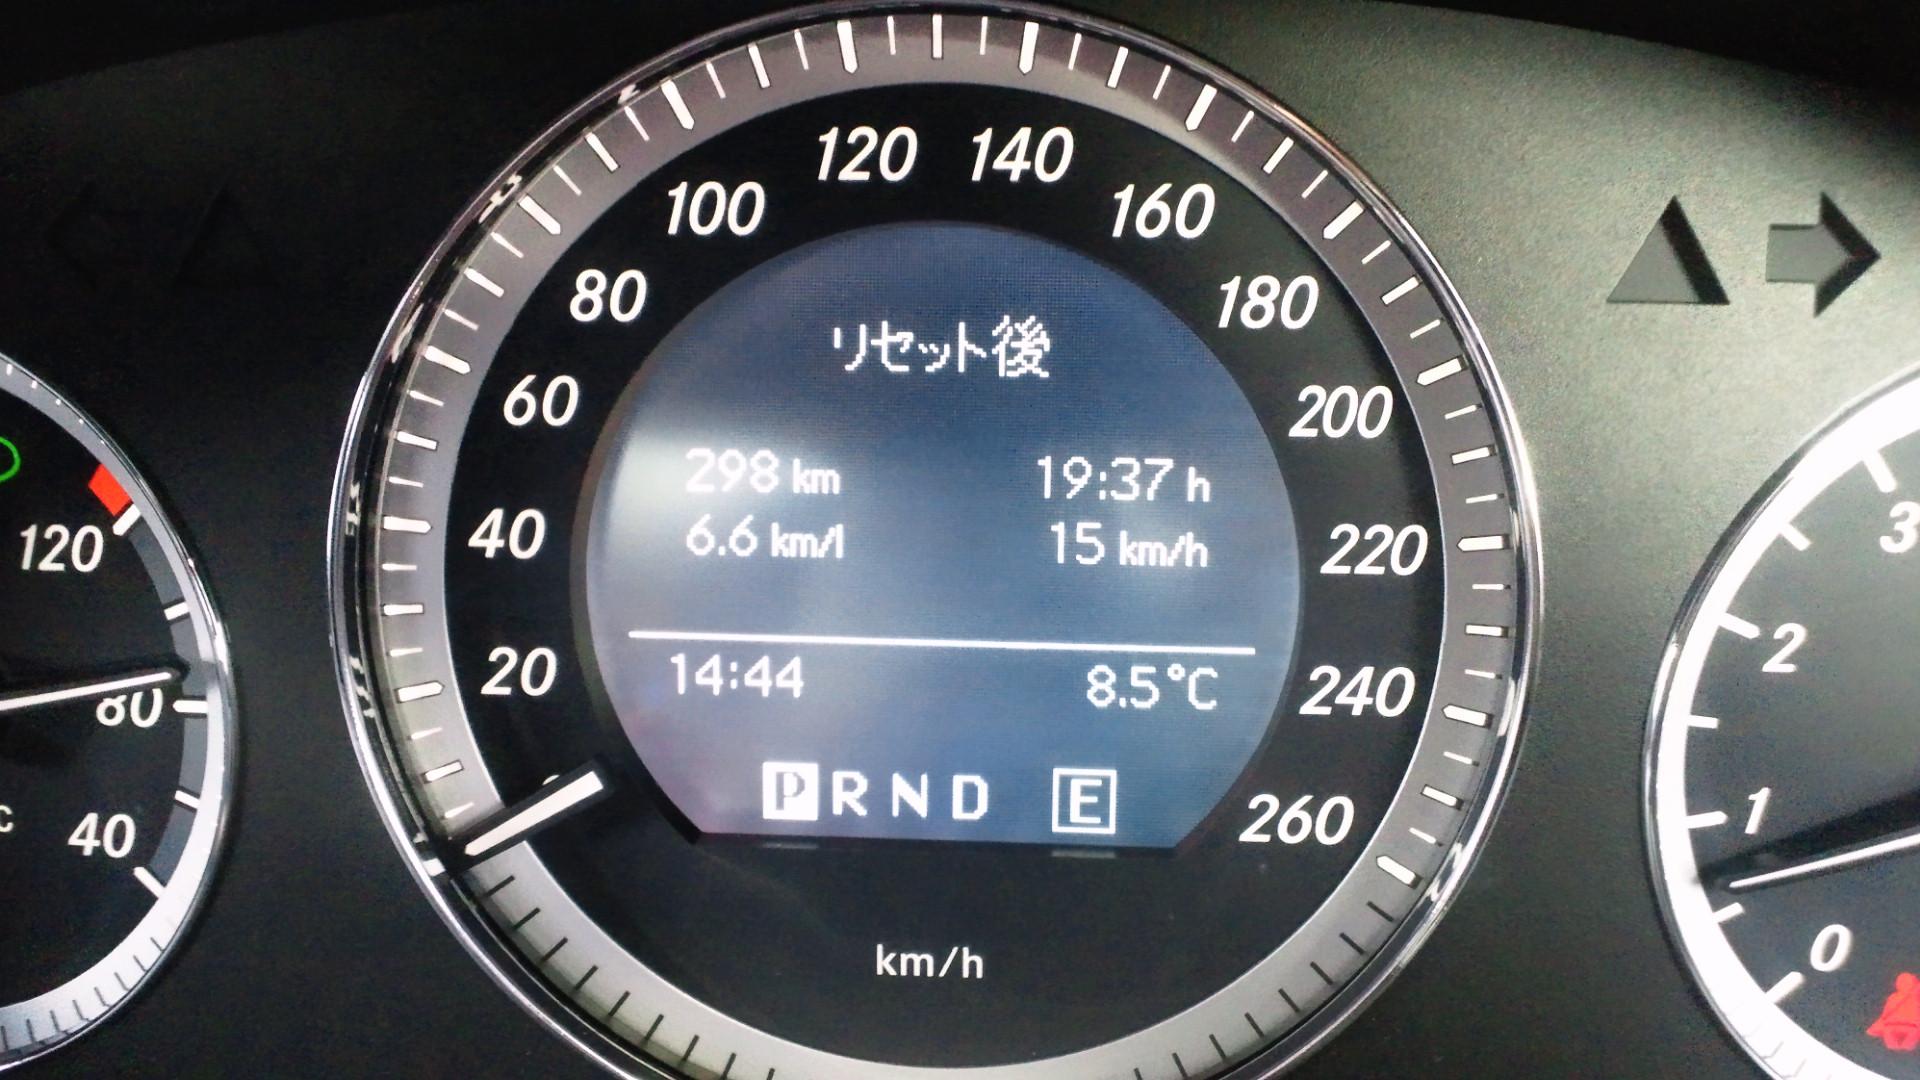 W204給油記録 2012/01/14